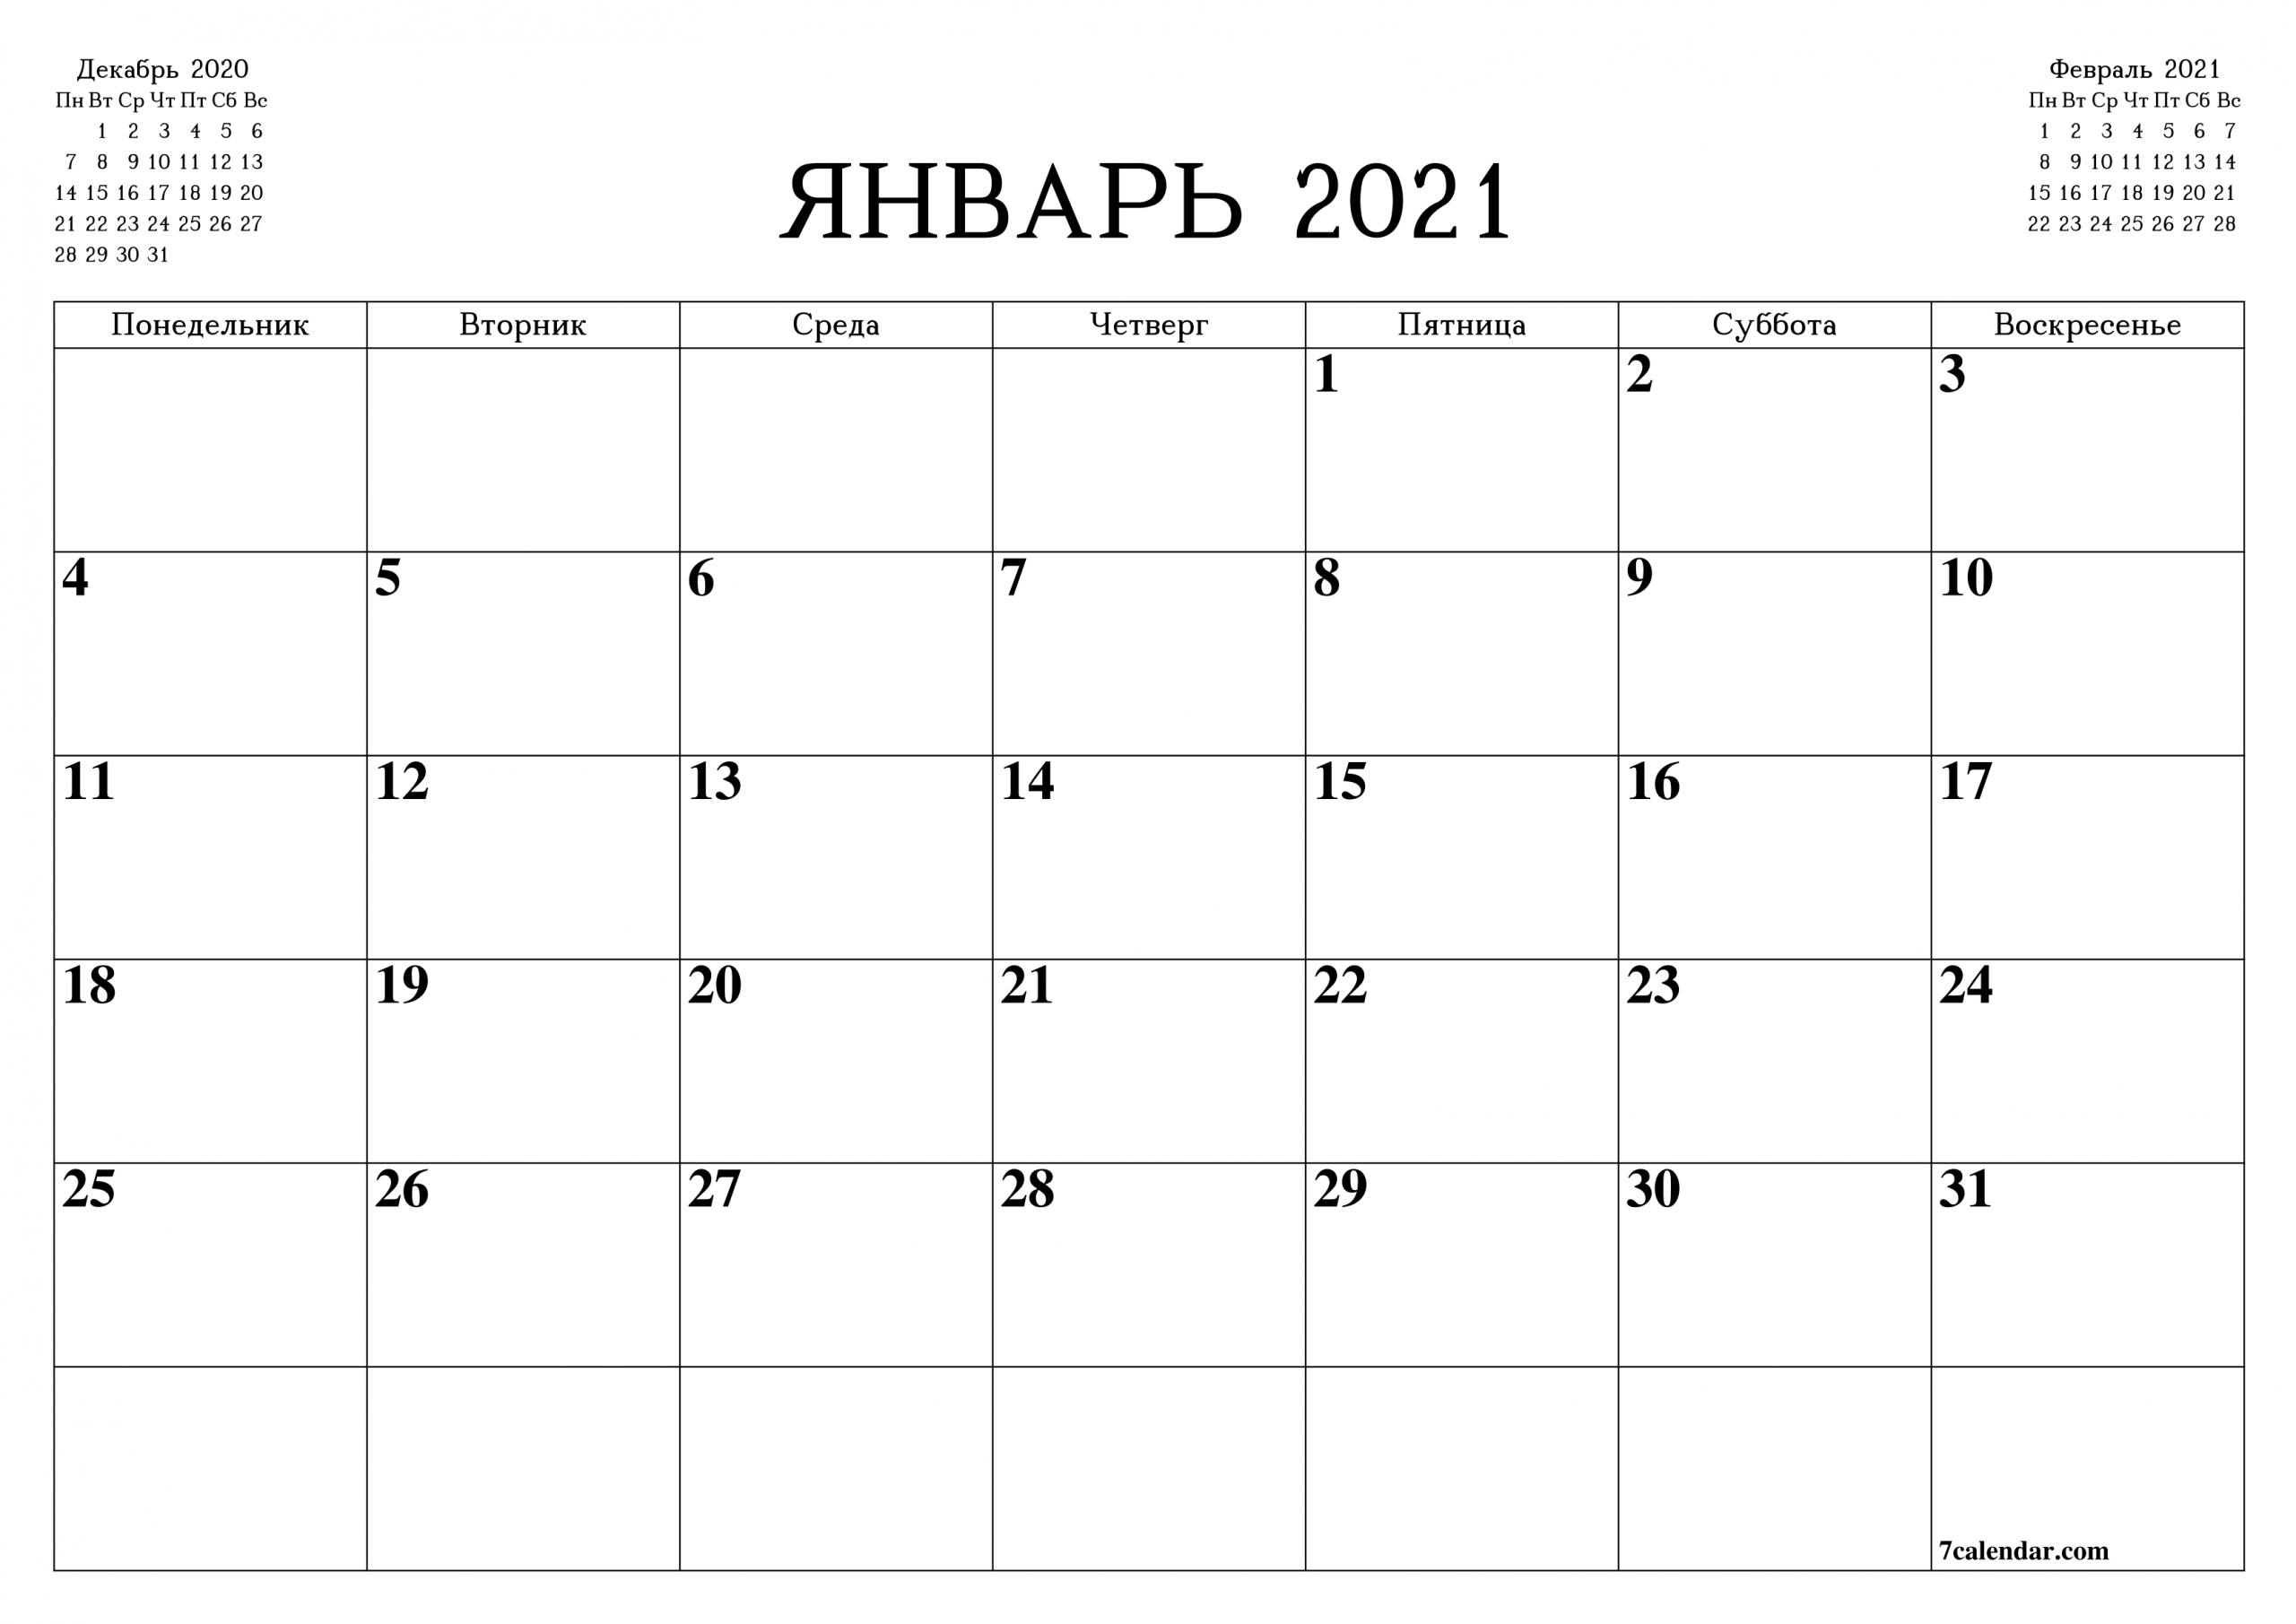 Календарь На Январь 2021: Планер И Планинг Для Печати А4, А5